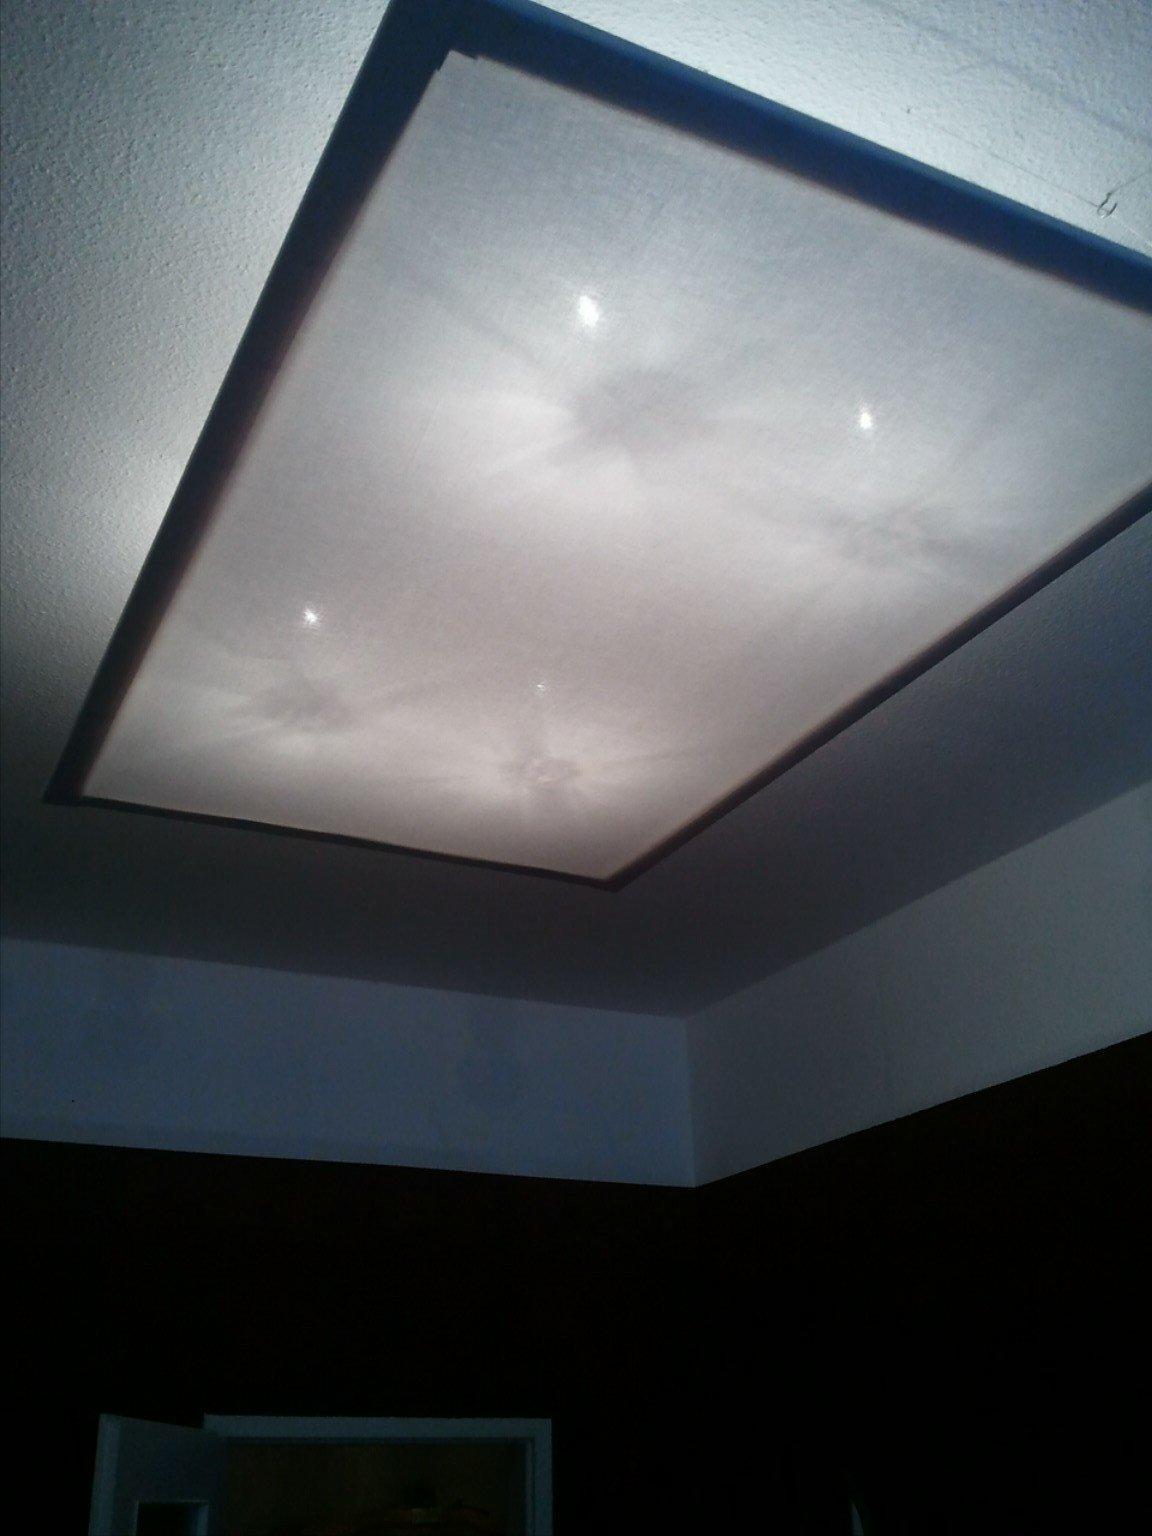 Full Size of Deckenlampen Ideen Deckenlampe Schlafzimmer Wohnzimmer Deckenleuchte Solarpanelsindelhi Eine Neue Tapeten Bad Renovieren Modern Für Wohnzimmer Deckenlampen Ideen